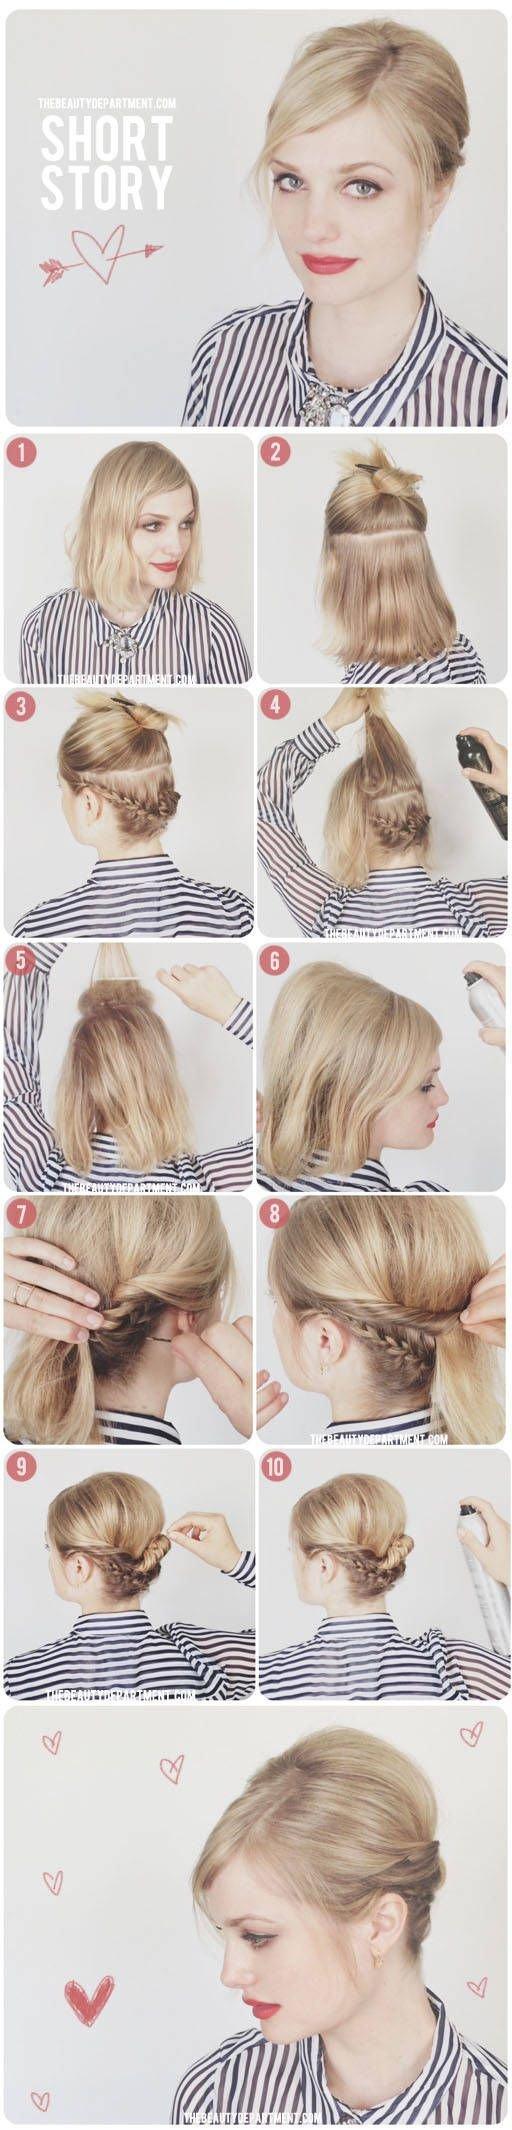 ПРИЧЕСКИ НА КОРОТКИЕ ВОЛОСЕЛКОЙ ЗДОРОВЫЙ ОБРАЗ Как сделать короткие волосы на время